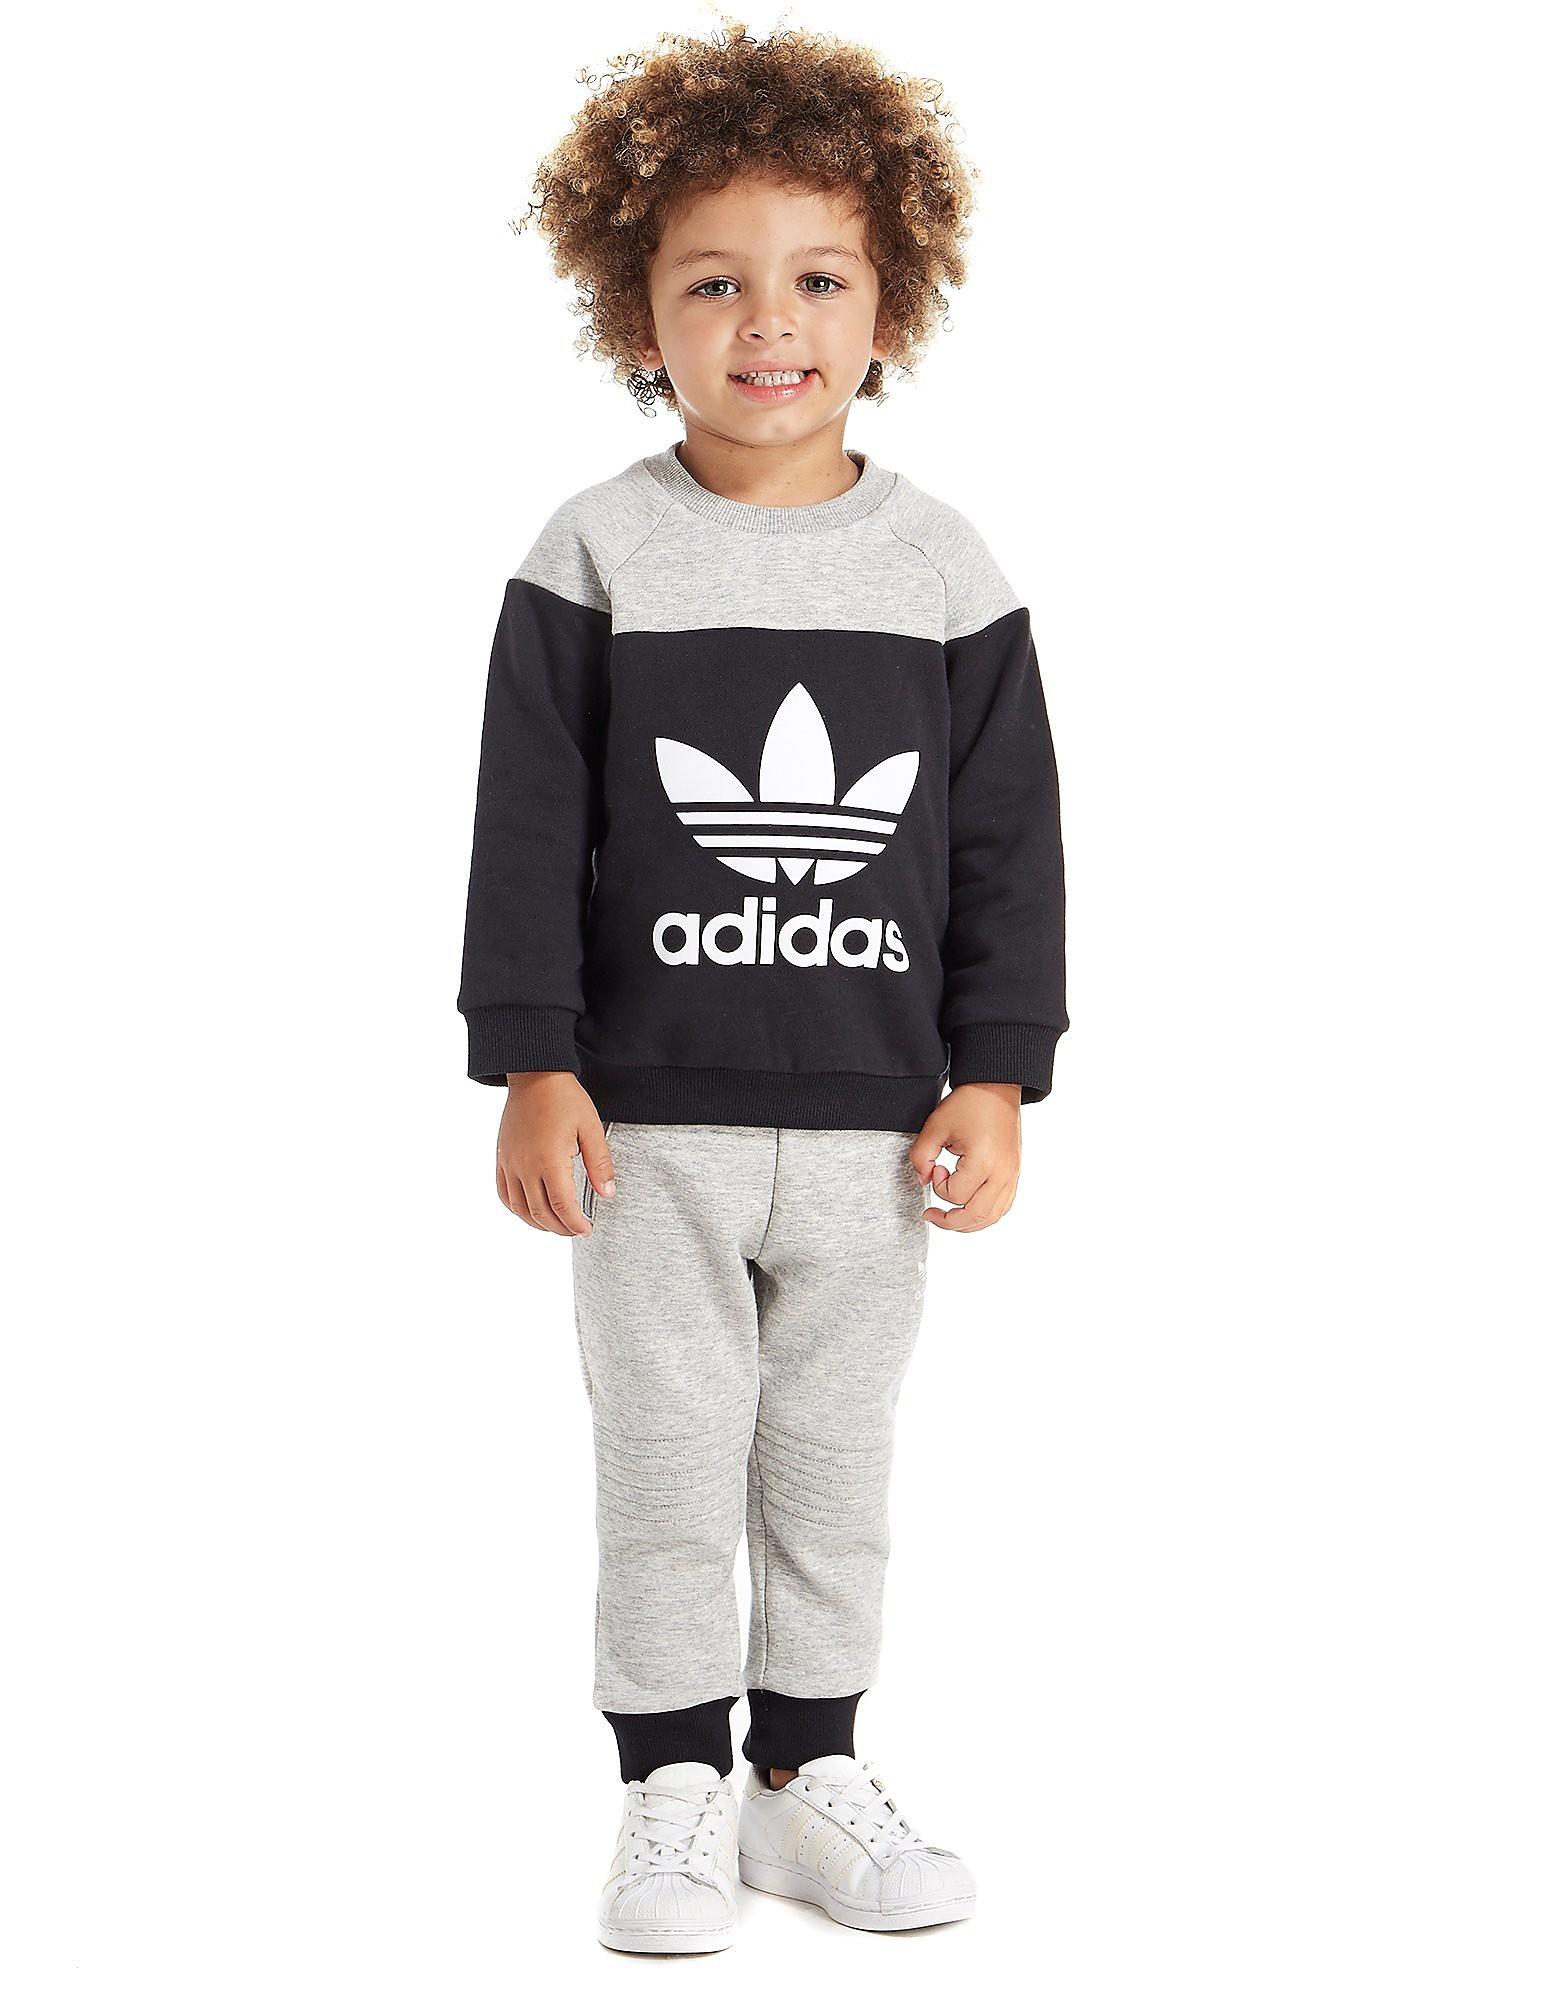 adidas Originals Trefoil Crew Tracksuit Infant